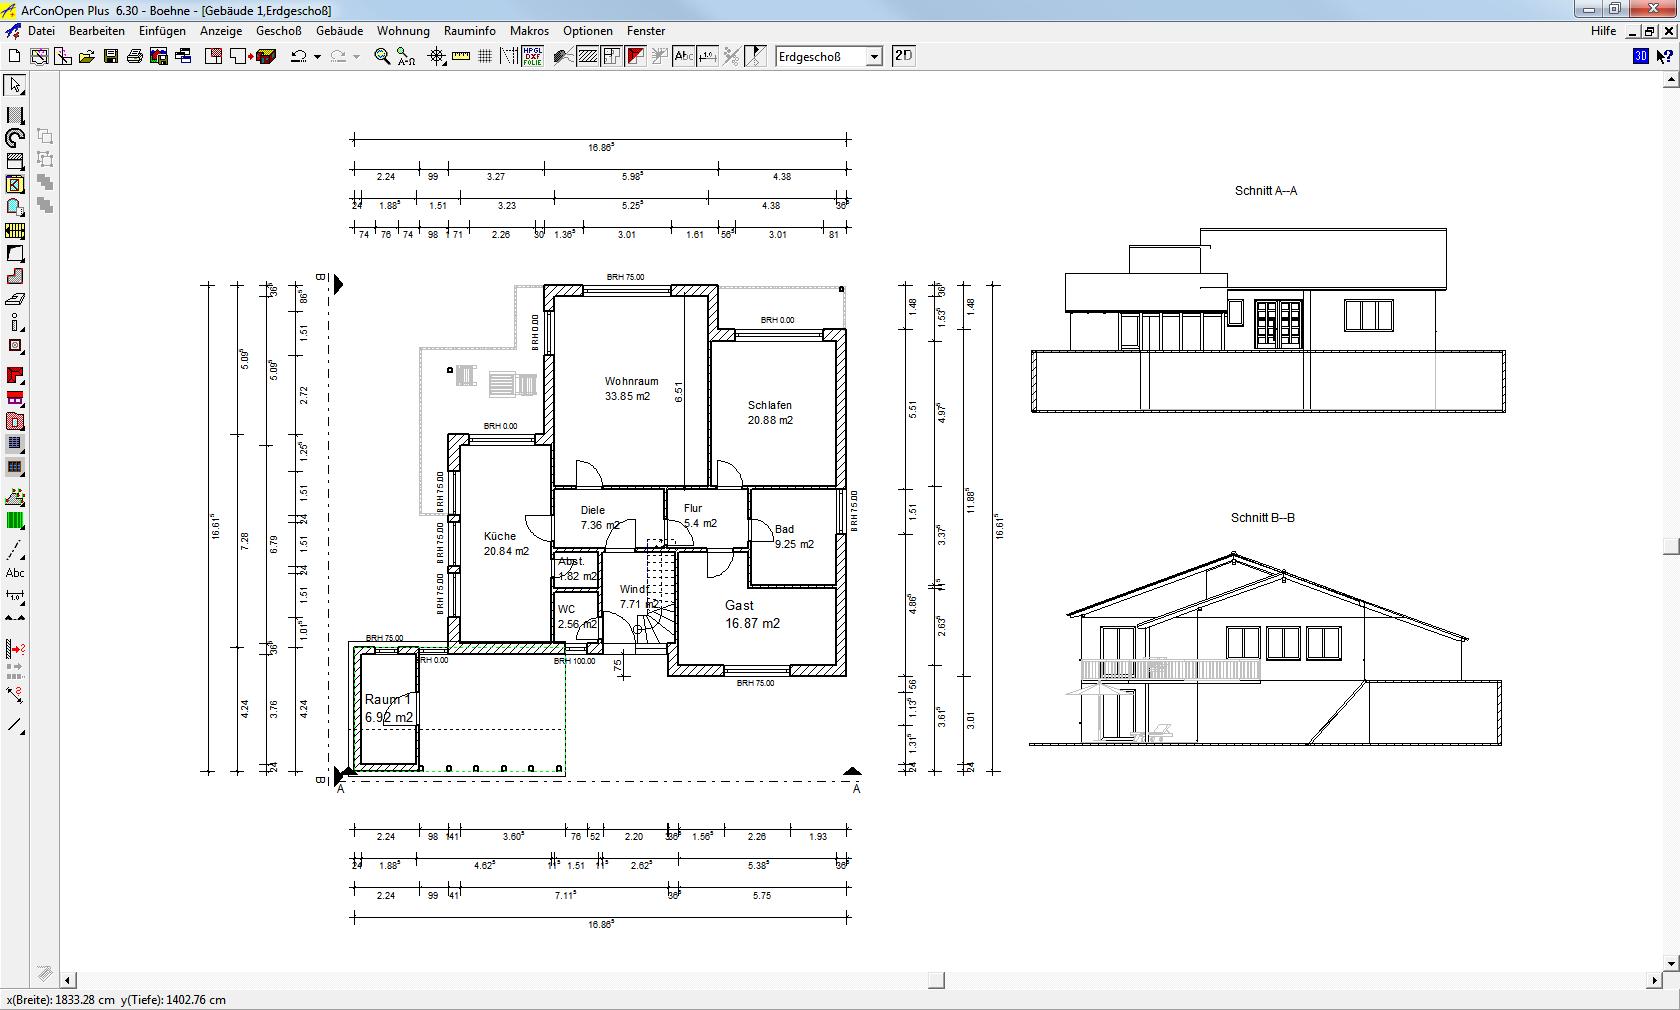 Darstellung von Schnittfensters als Rechteck in der Planung